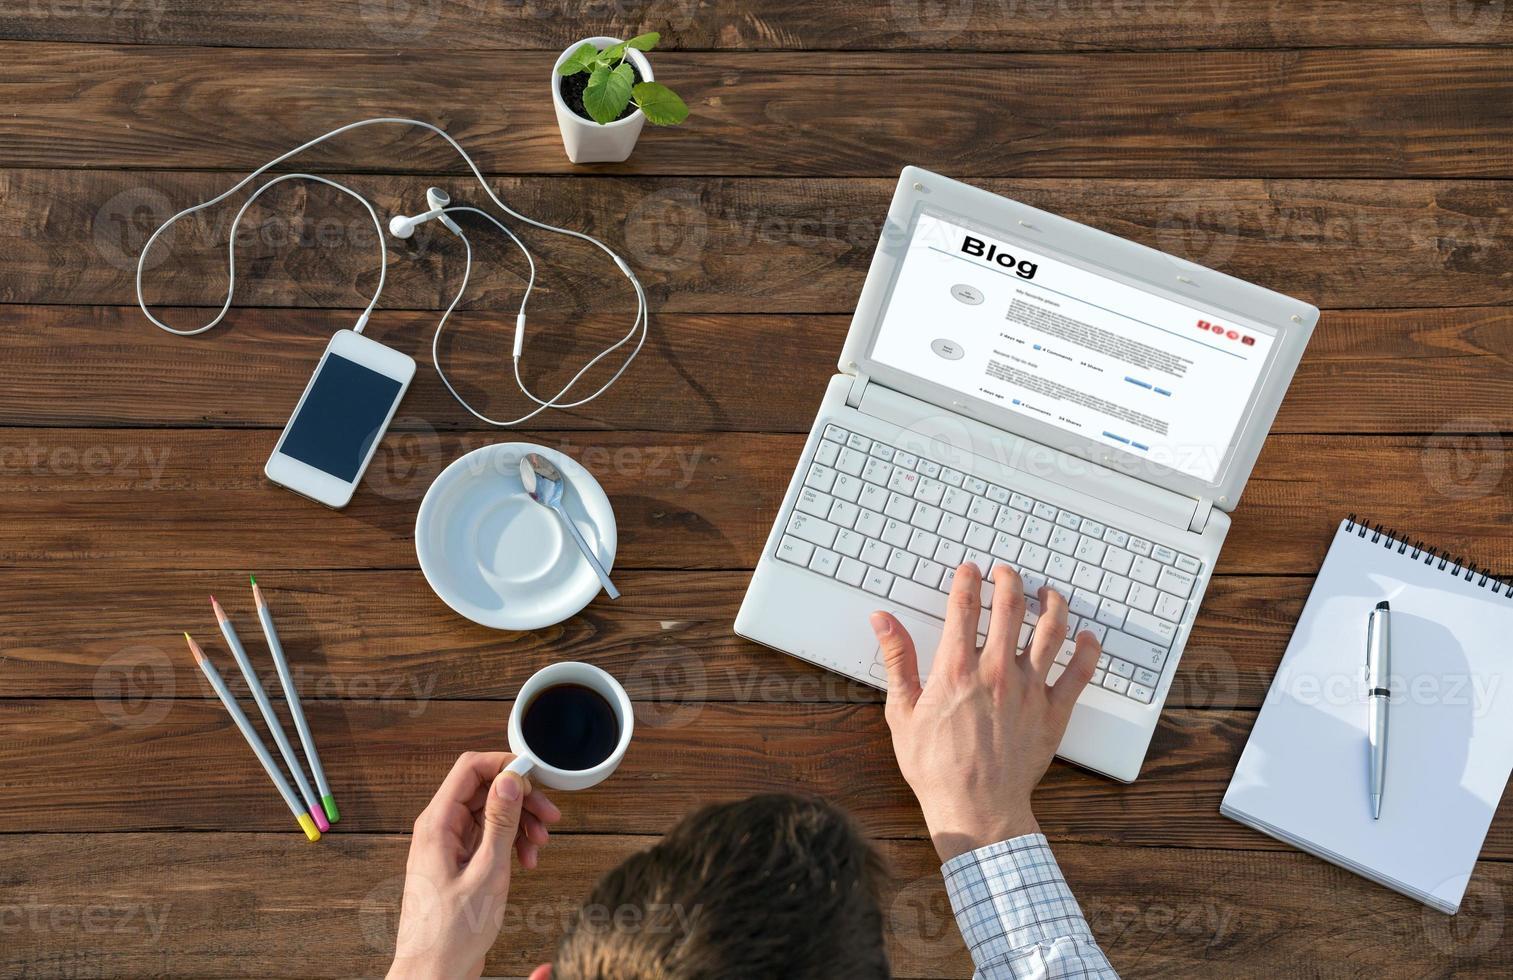 écrivain travaillant sur ordinateur au bureau en bois photo